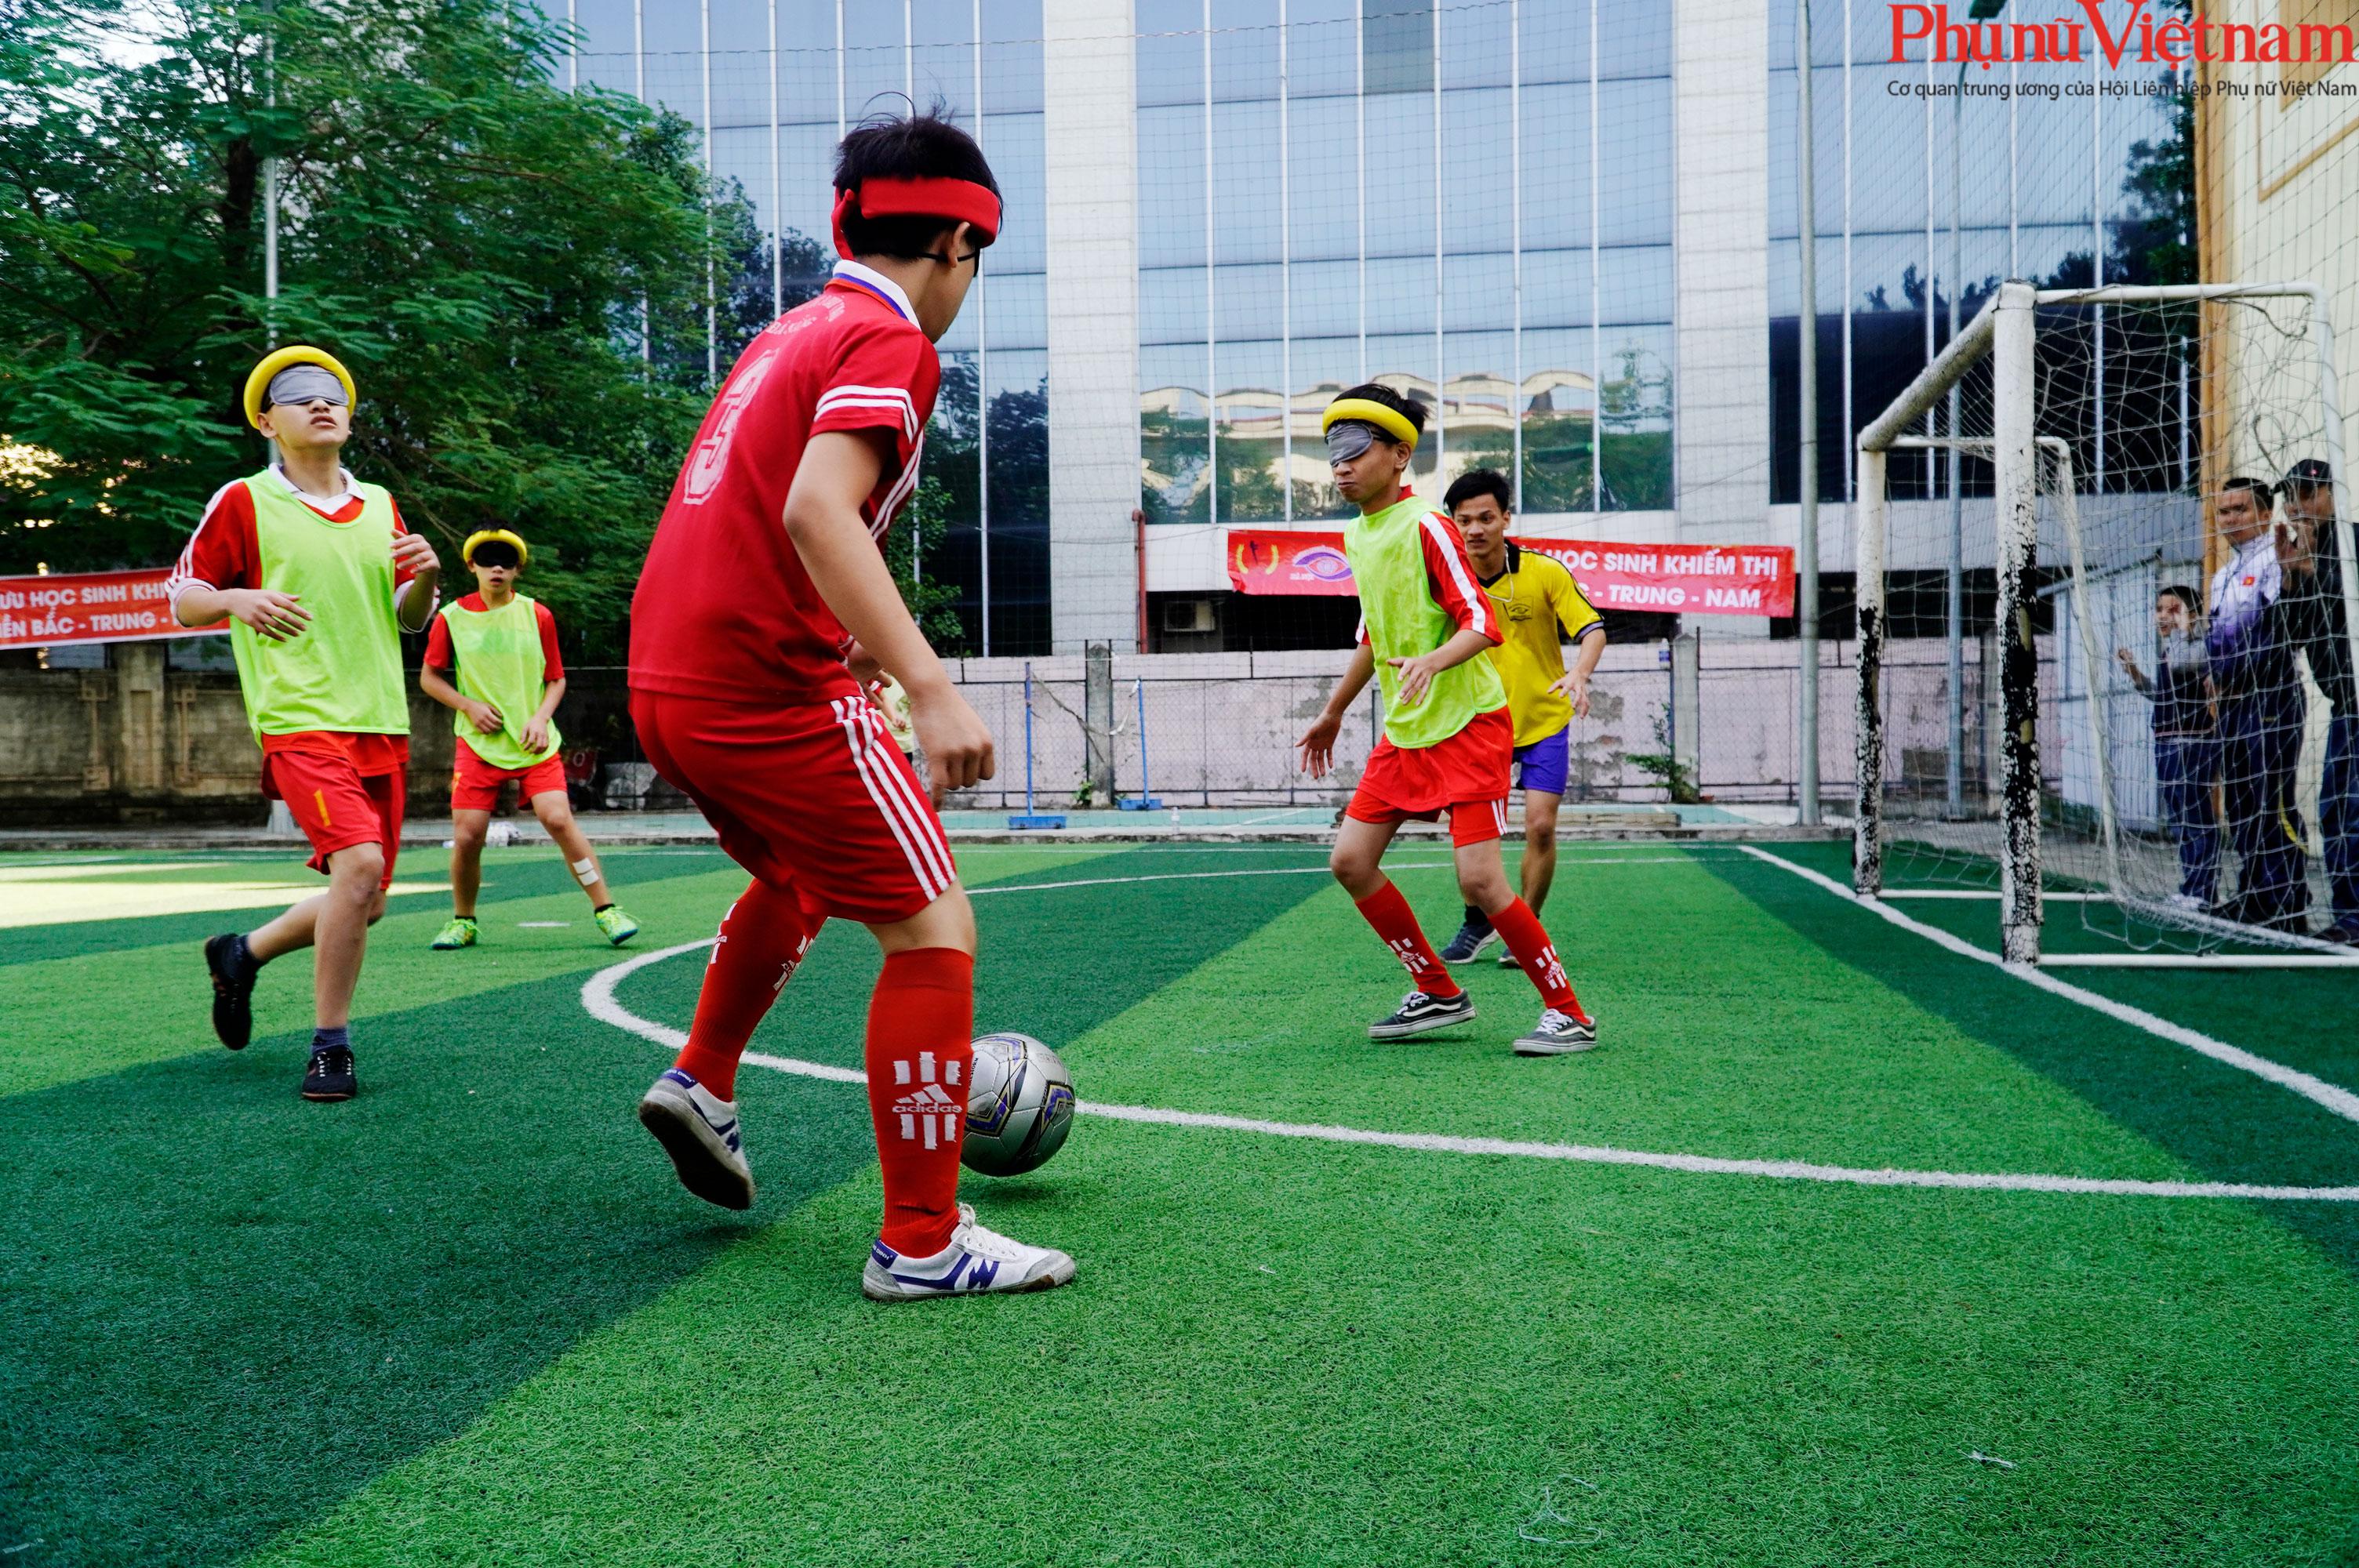 """Trận bóng đá đặc biệt của những đứa trẻ """"đá bóng bằng tai""""  - Ảnh 1."""